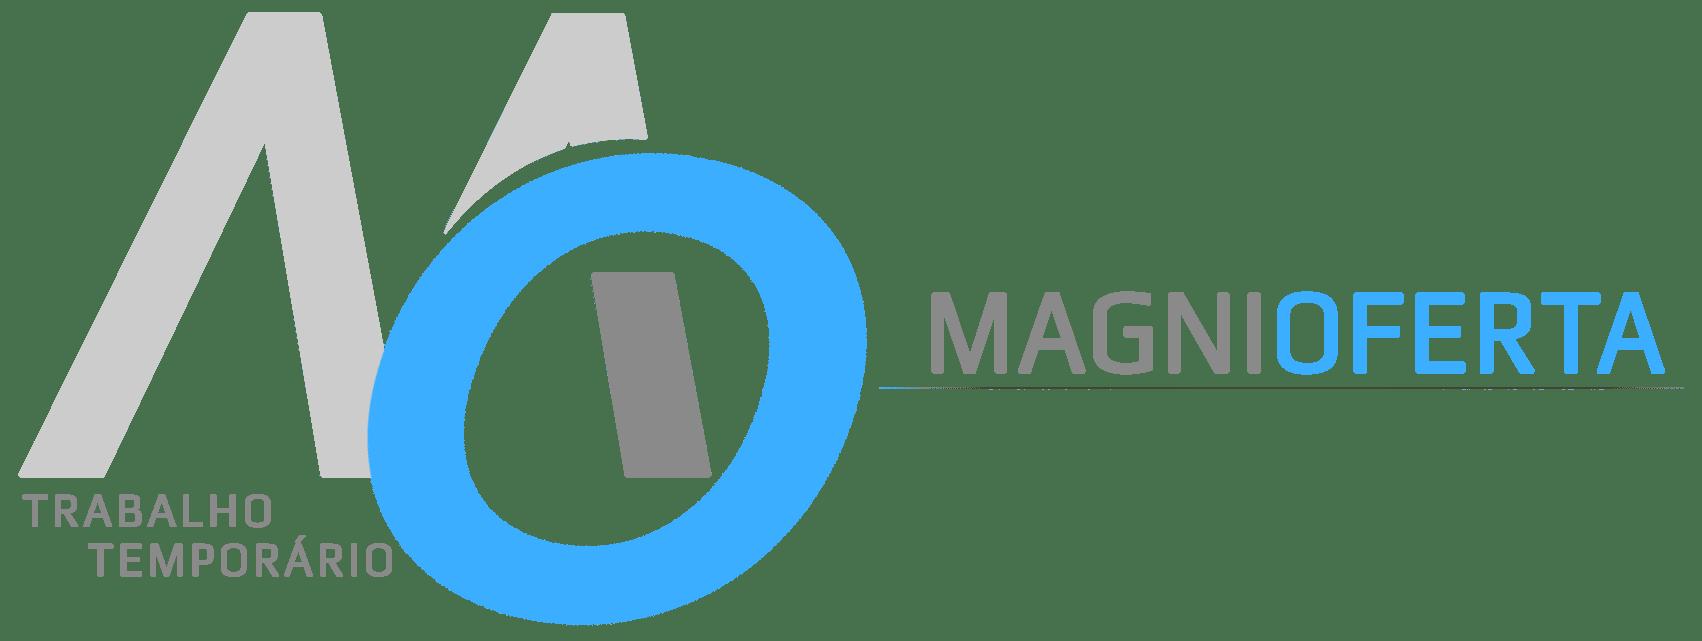 Magnioferta – Empresa de Trabalho Temporário